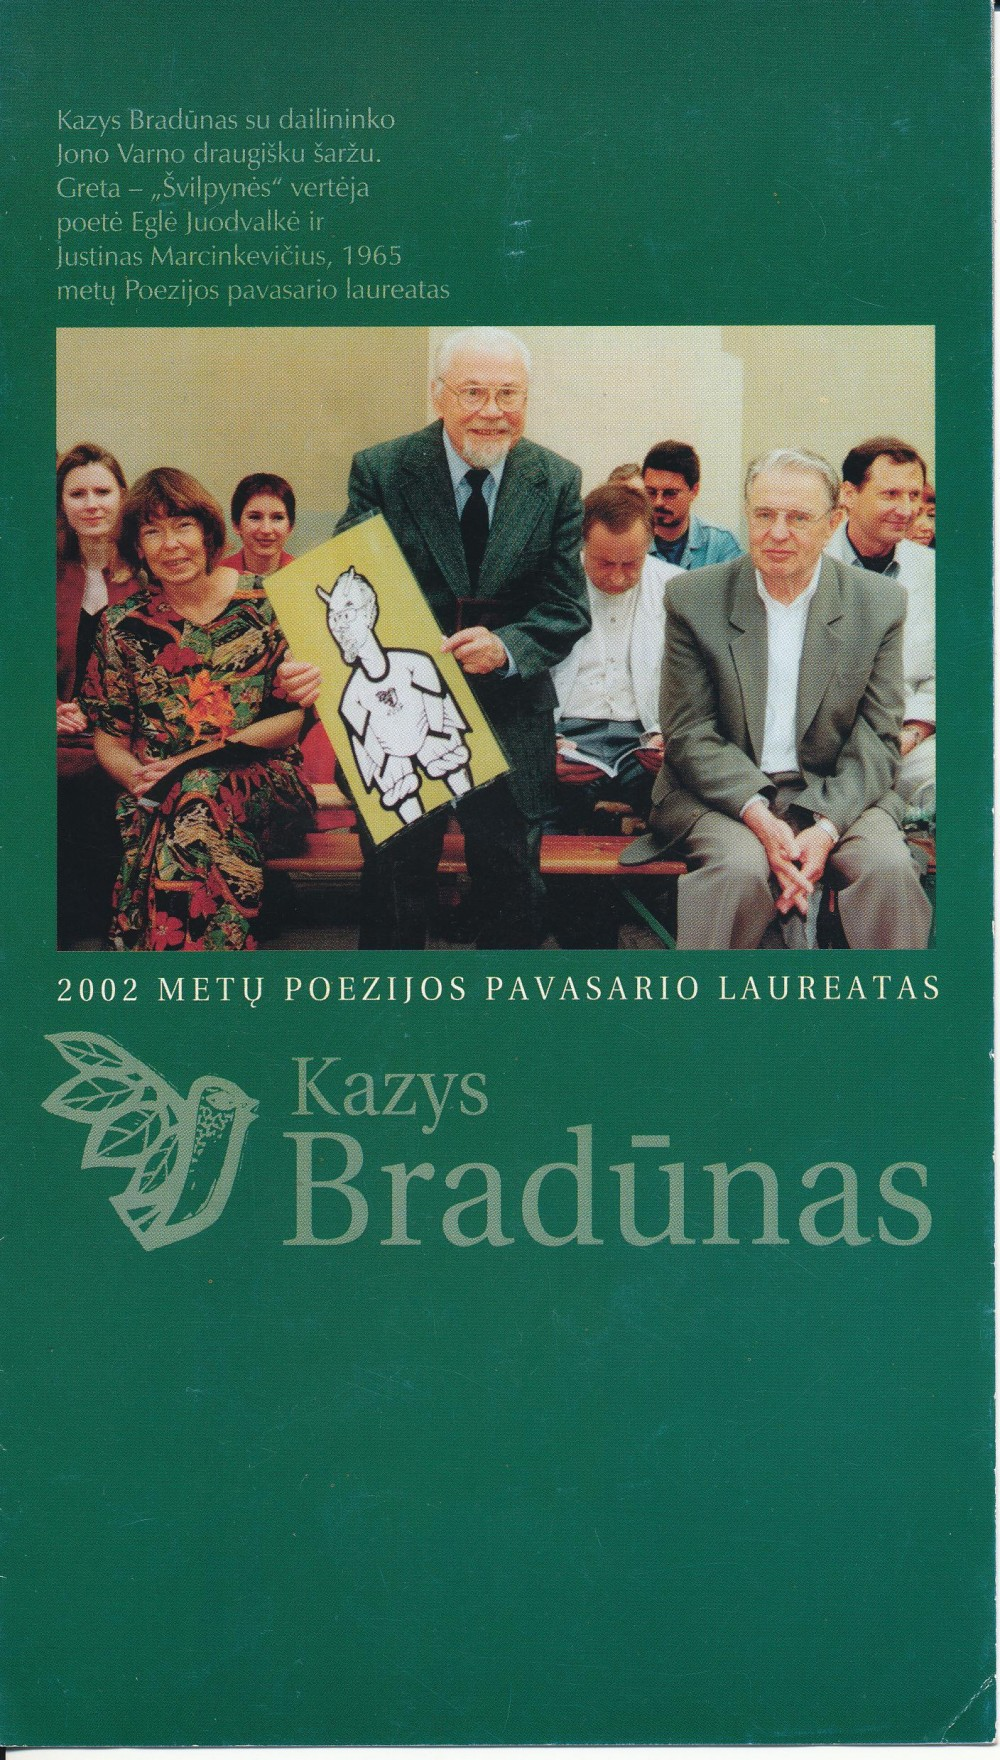 2002 metais Kazys Bradūnas pelnė Poezijos pavasario laureato vardą